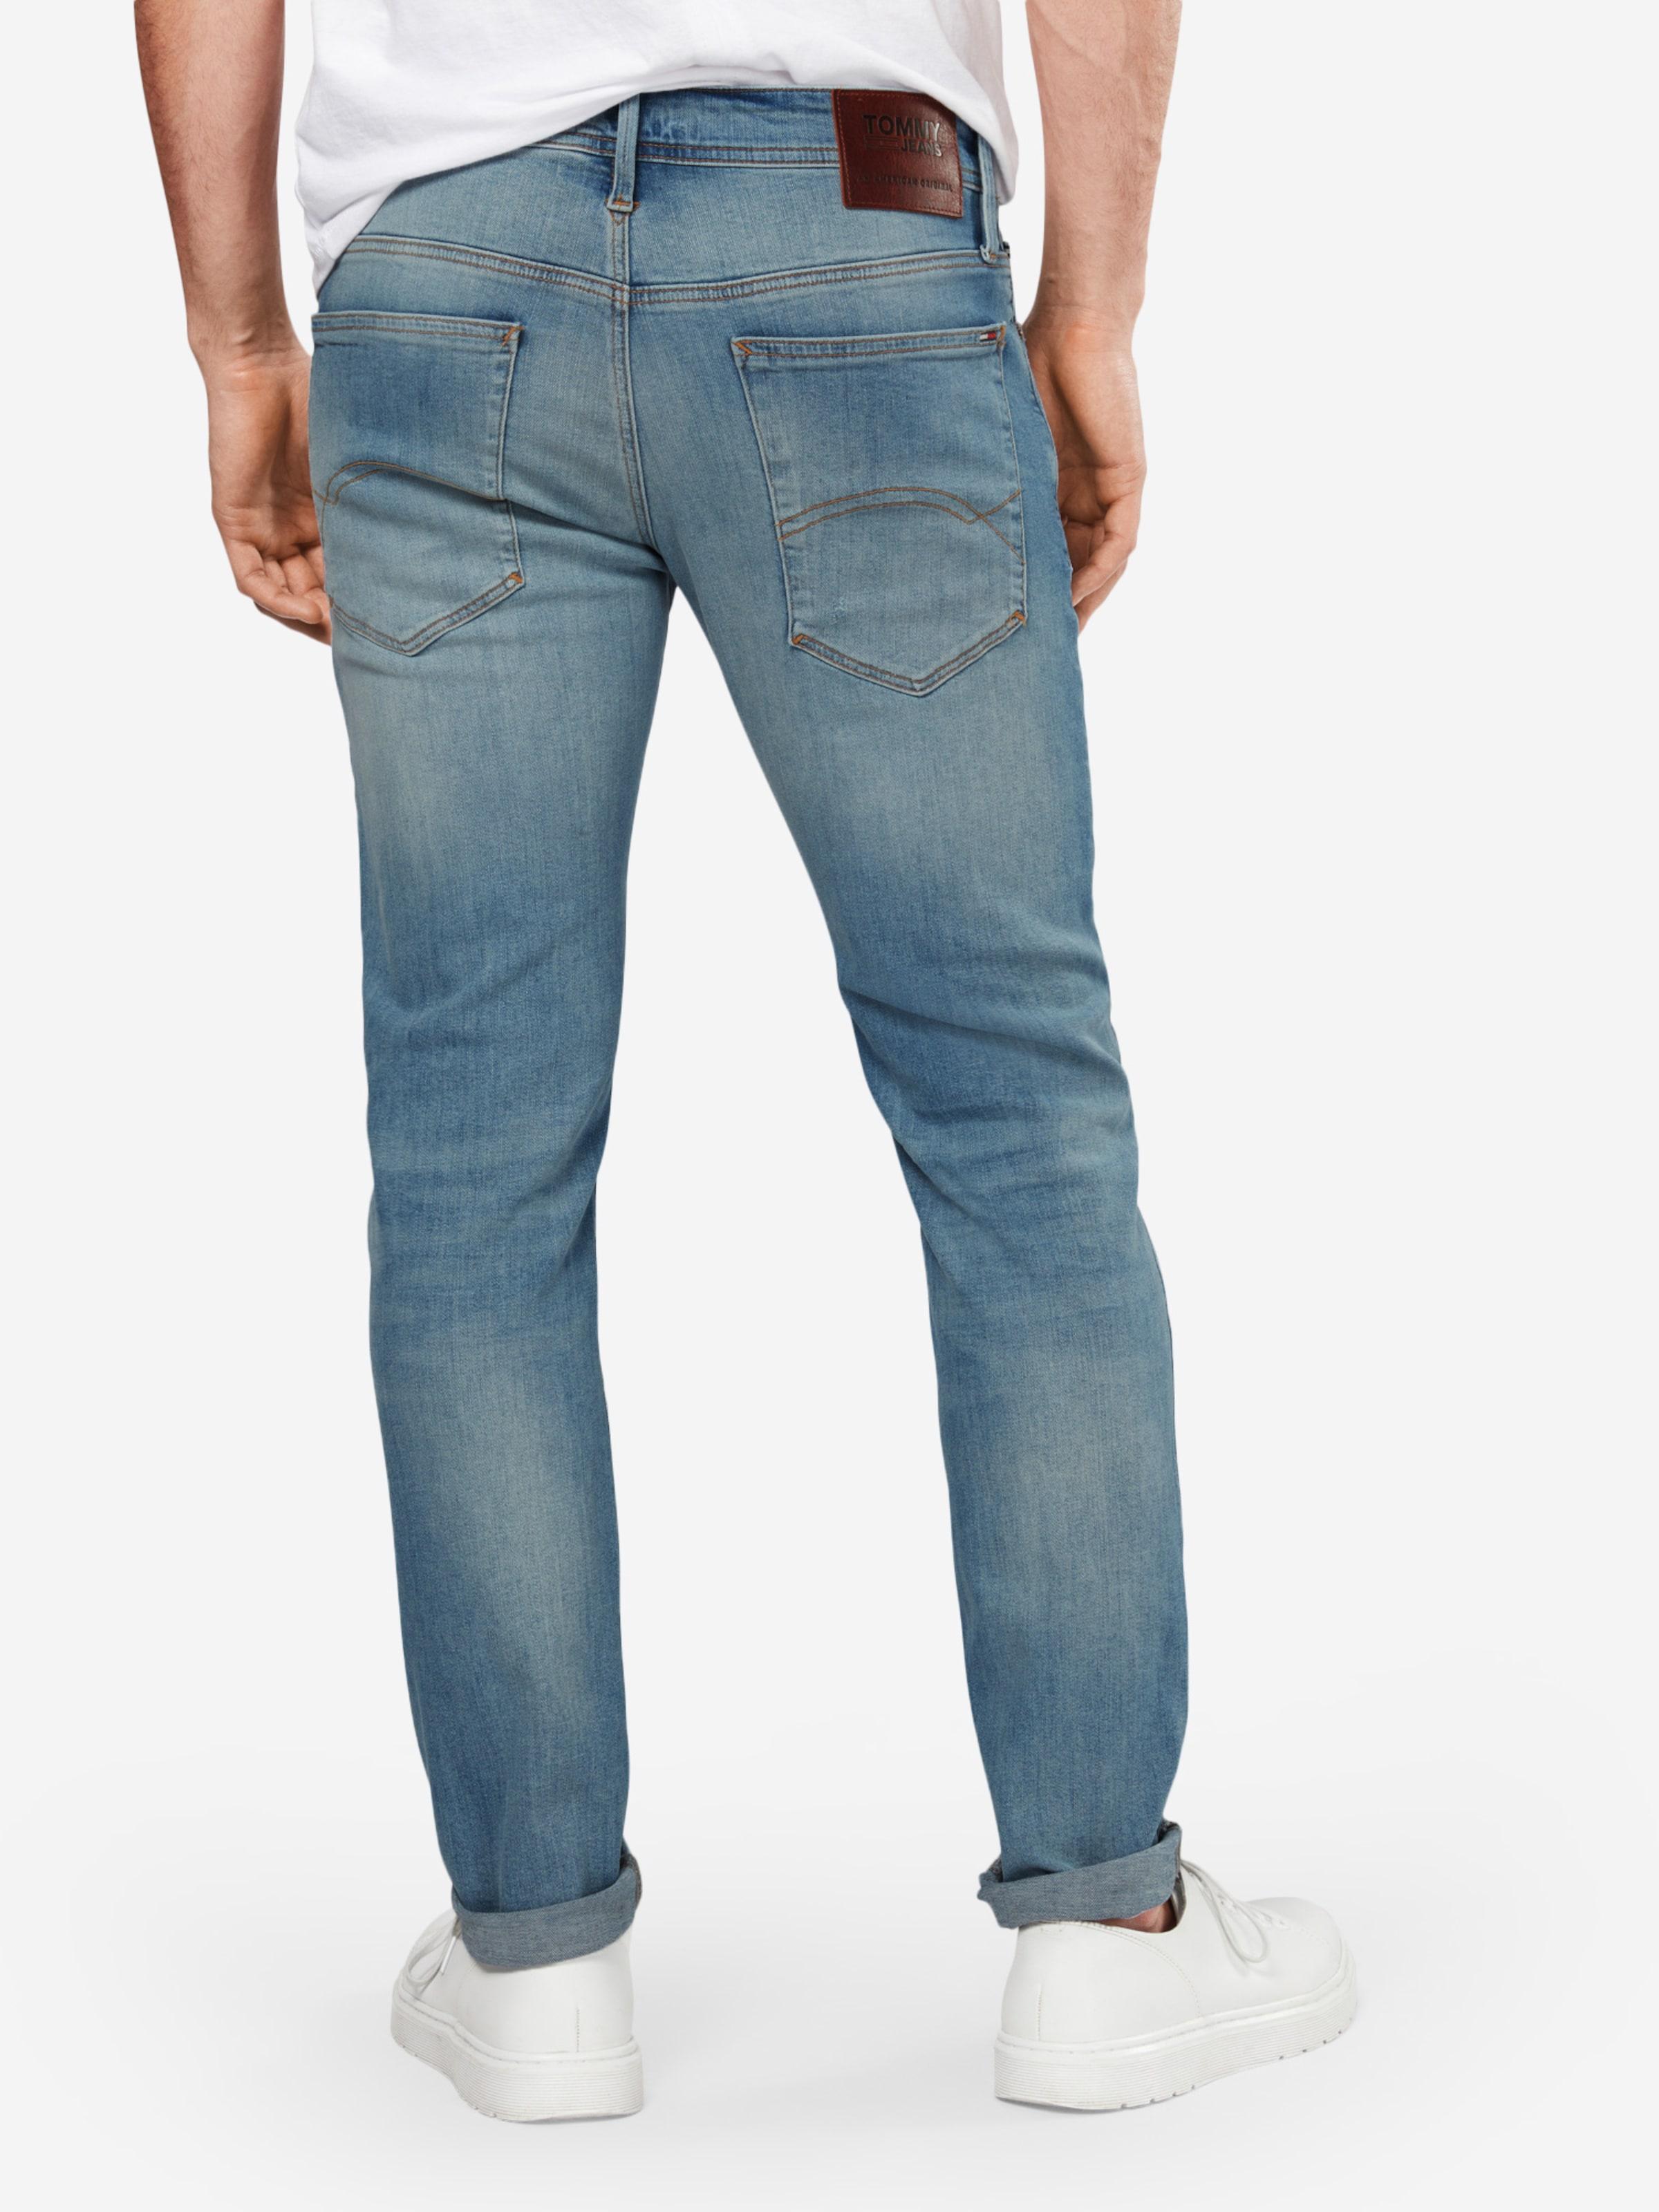 Billig Genießen 2018 Kühl Tommy Jeans Jeans 'SKINNY SIMON SPLBLS' Freies Verschiffen Online Spielraum Erschwinglich Manchester Verkauf Online YnpXp